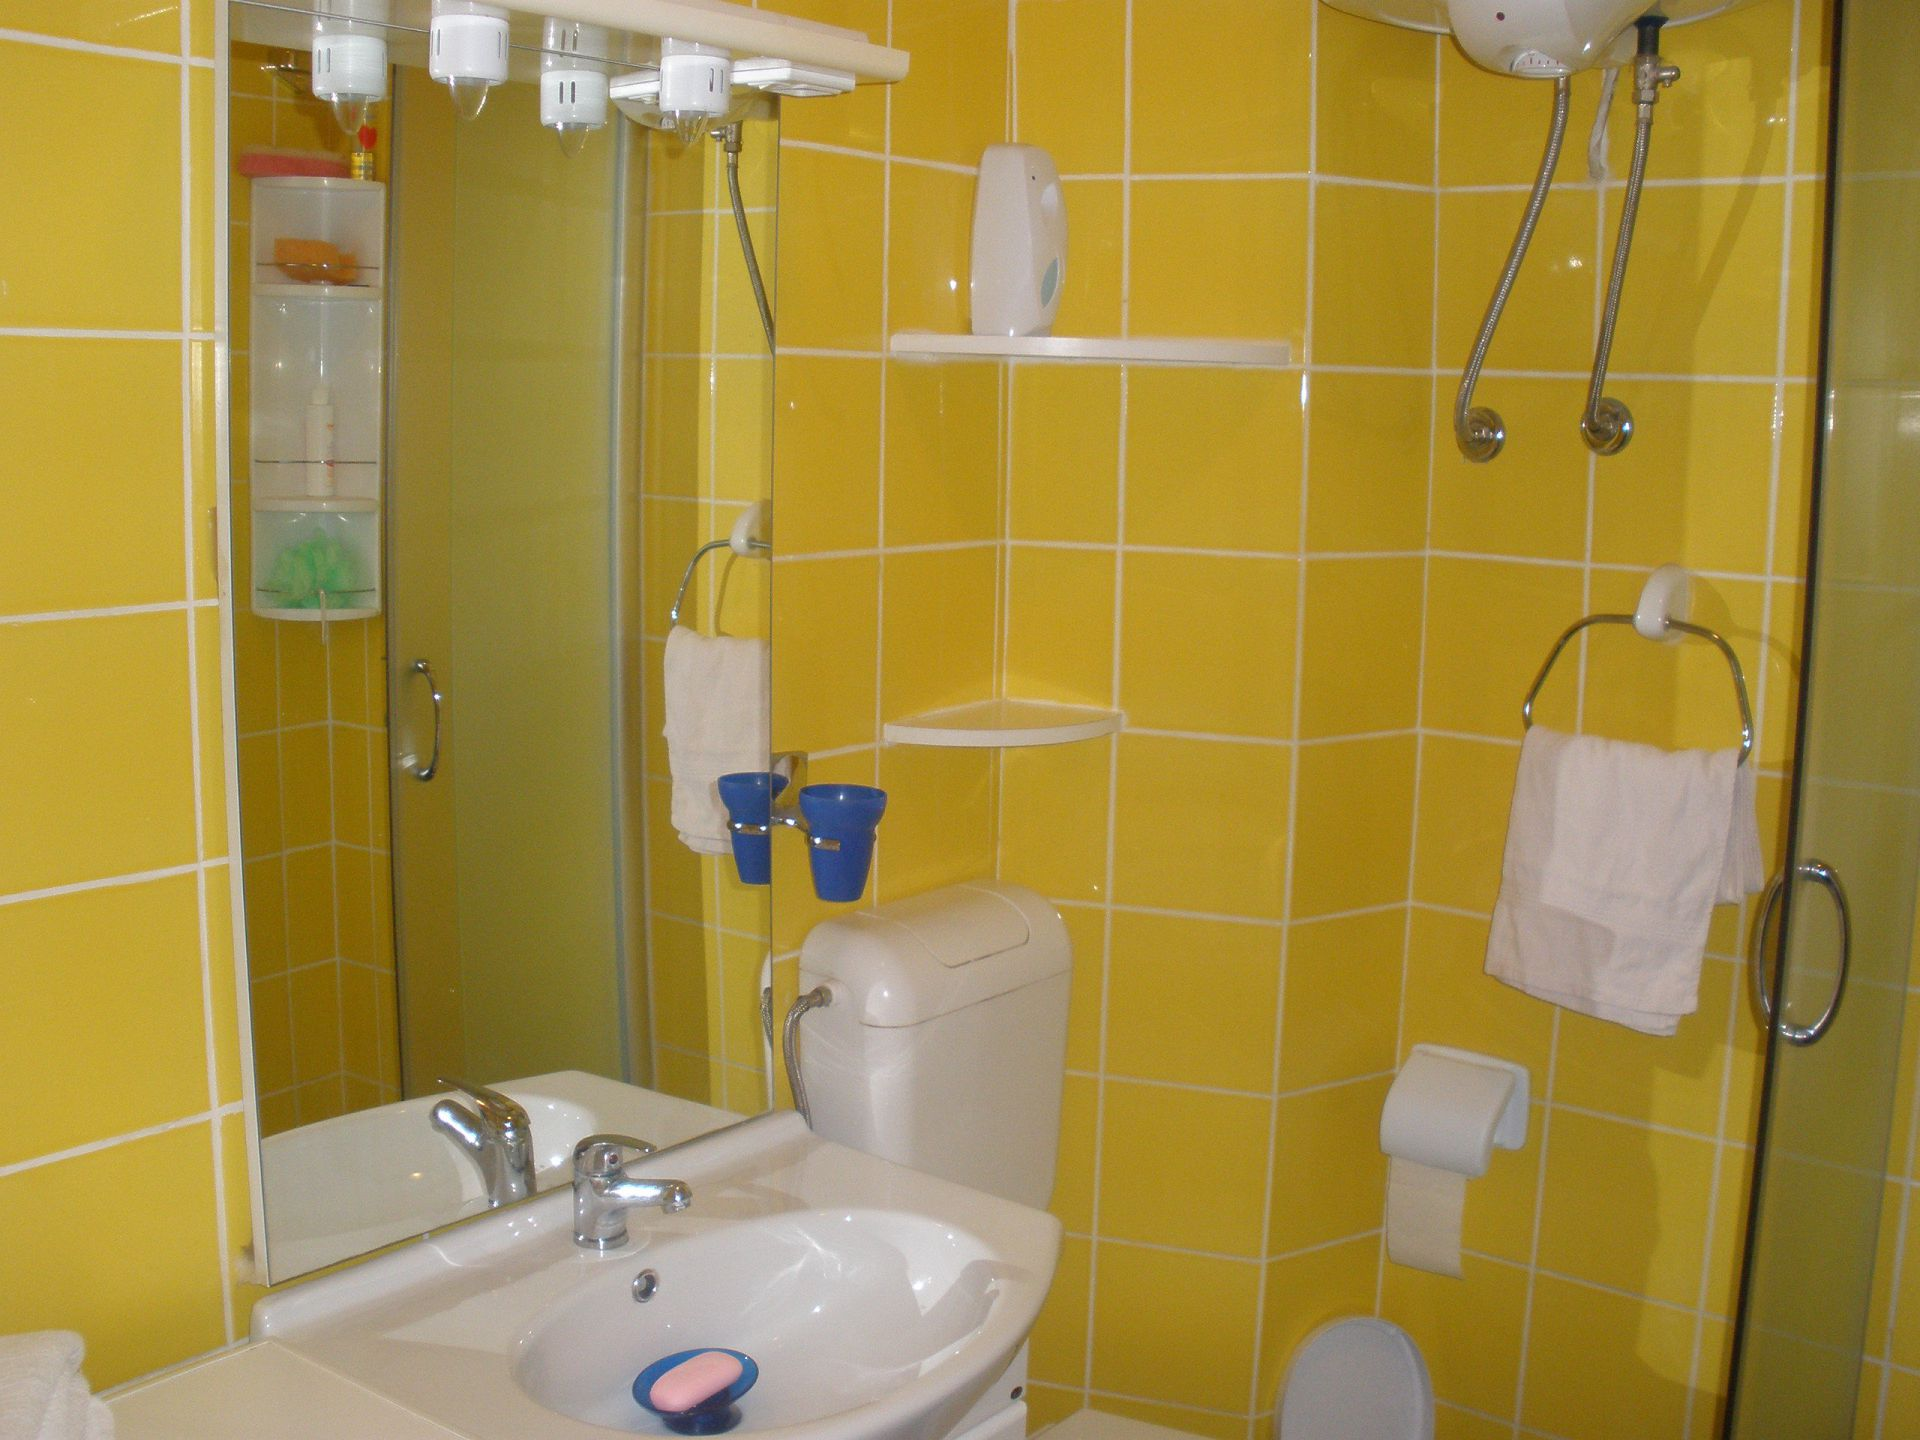 5257  - Pisak - Ferienwohnungen Kroatien - A2 PRIZEMLJE (3+2): Badezimmer mit Toilette